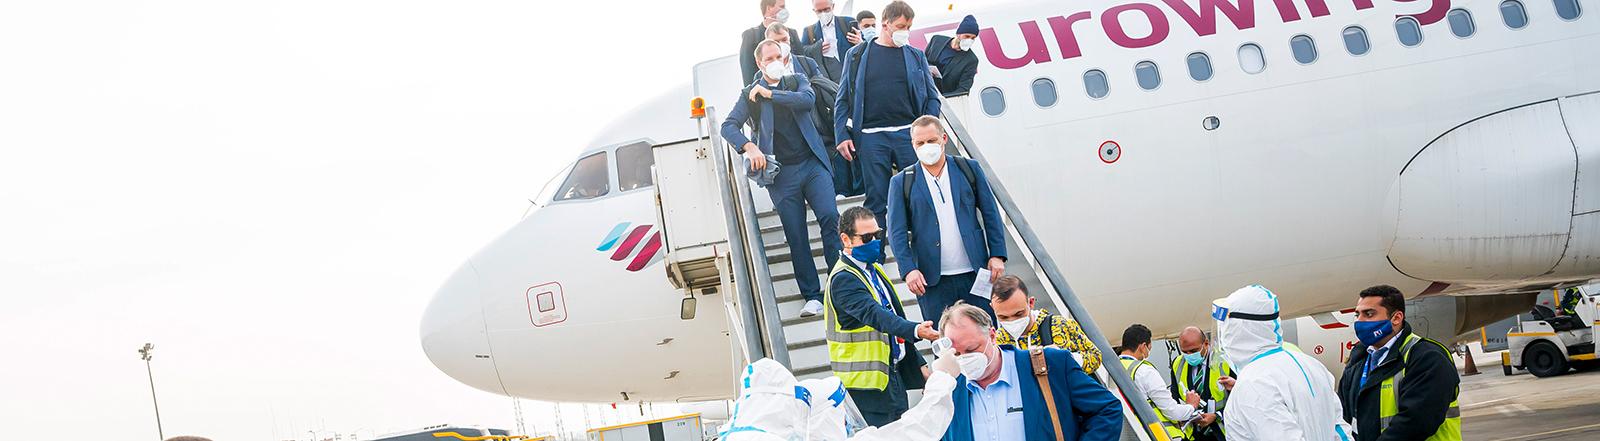 Aus dem Flugzeug steigt die deutsche Handball-Nationalmannschaft. Unten steht medizinisches Personal in Schutzanzügen; Foto: dpa (12.01.2021)